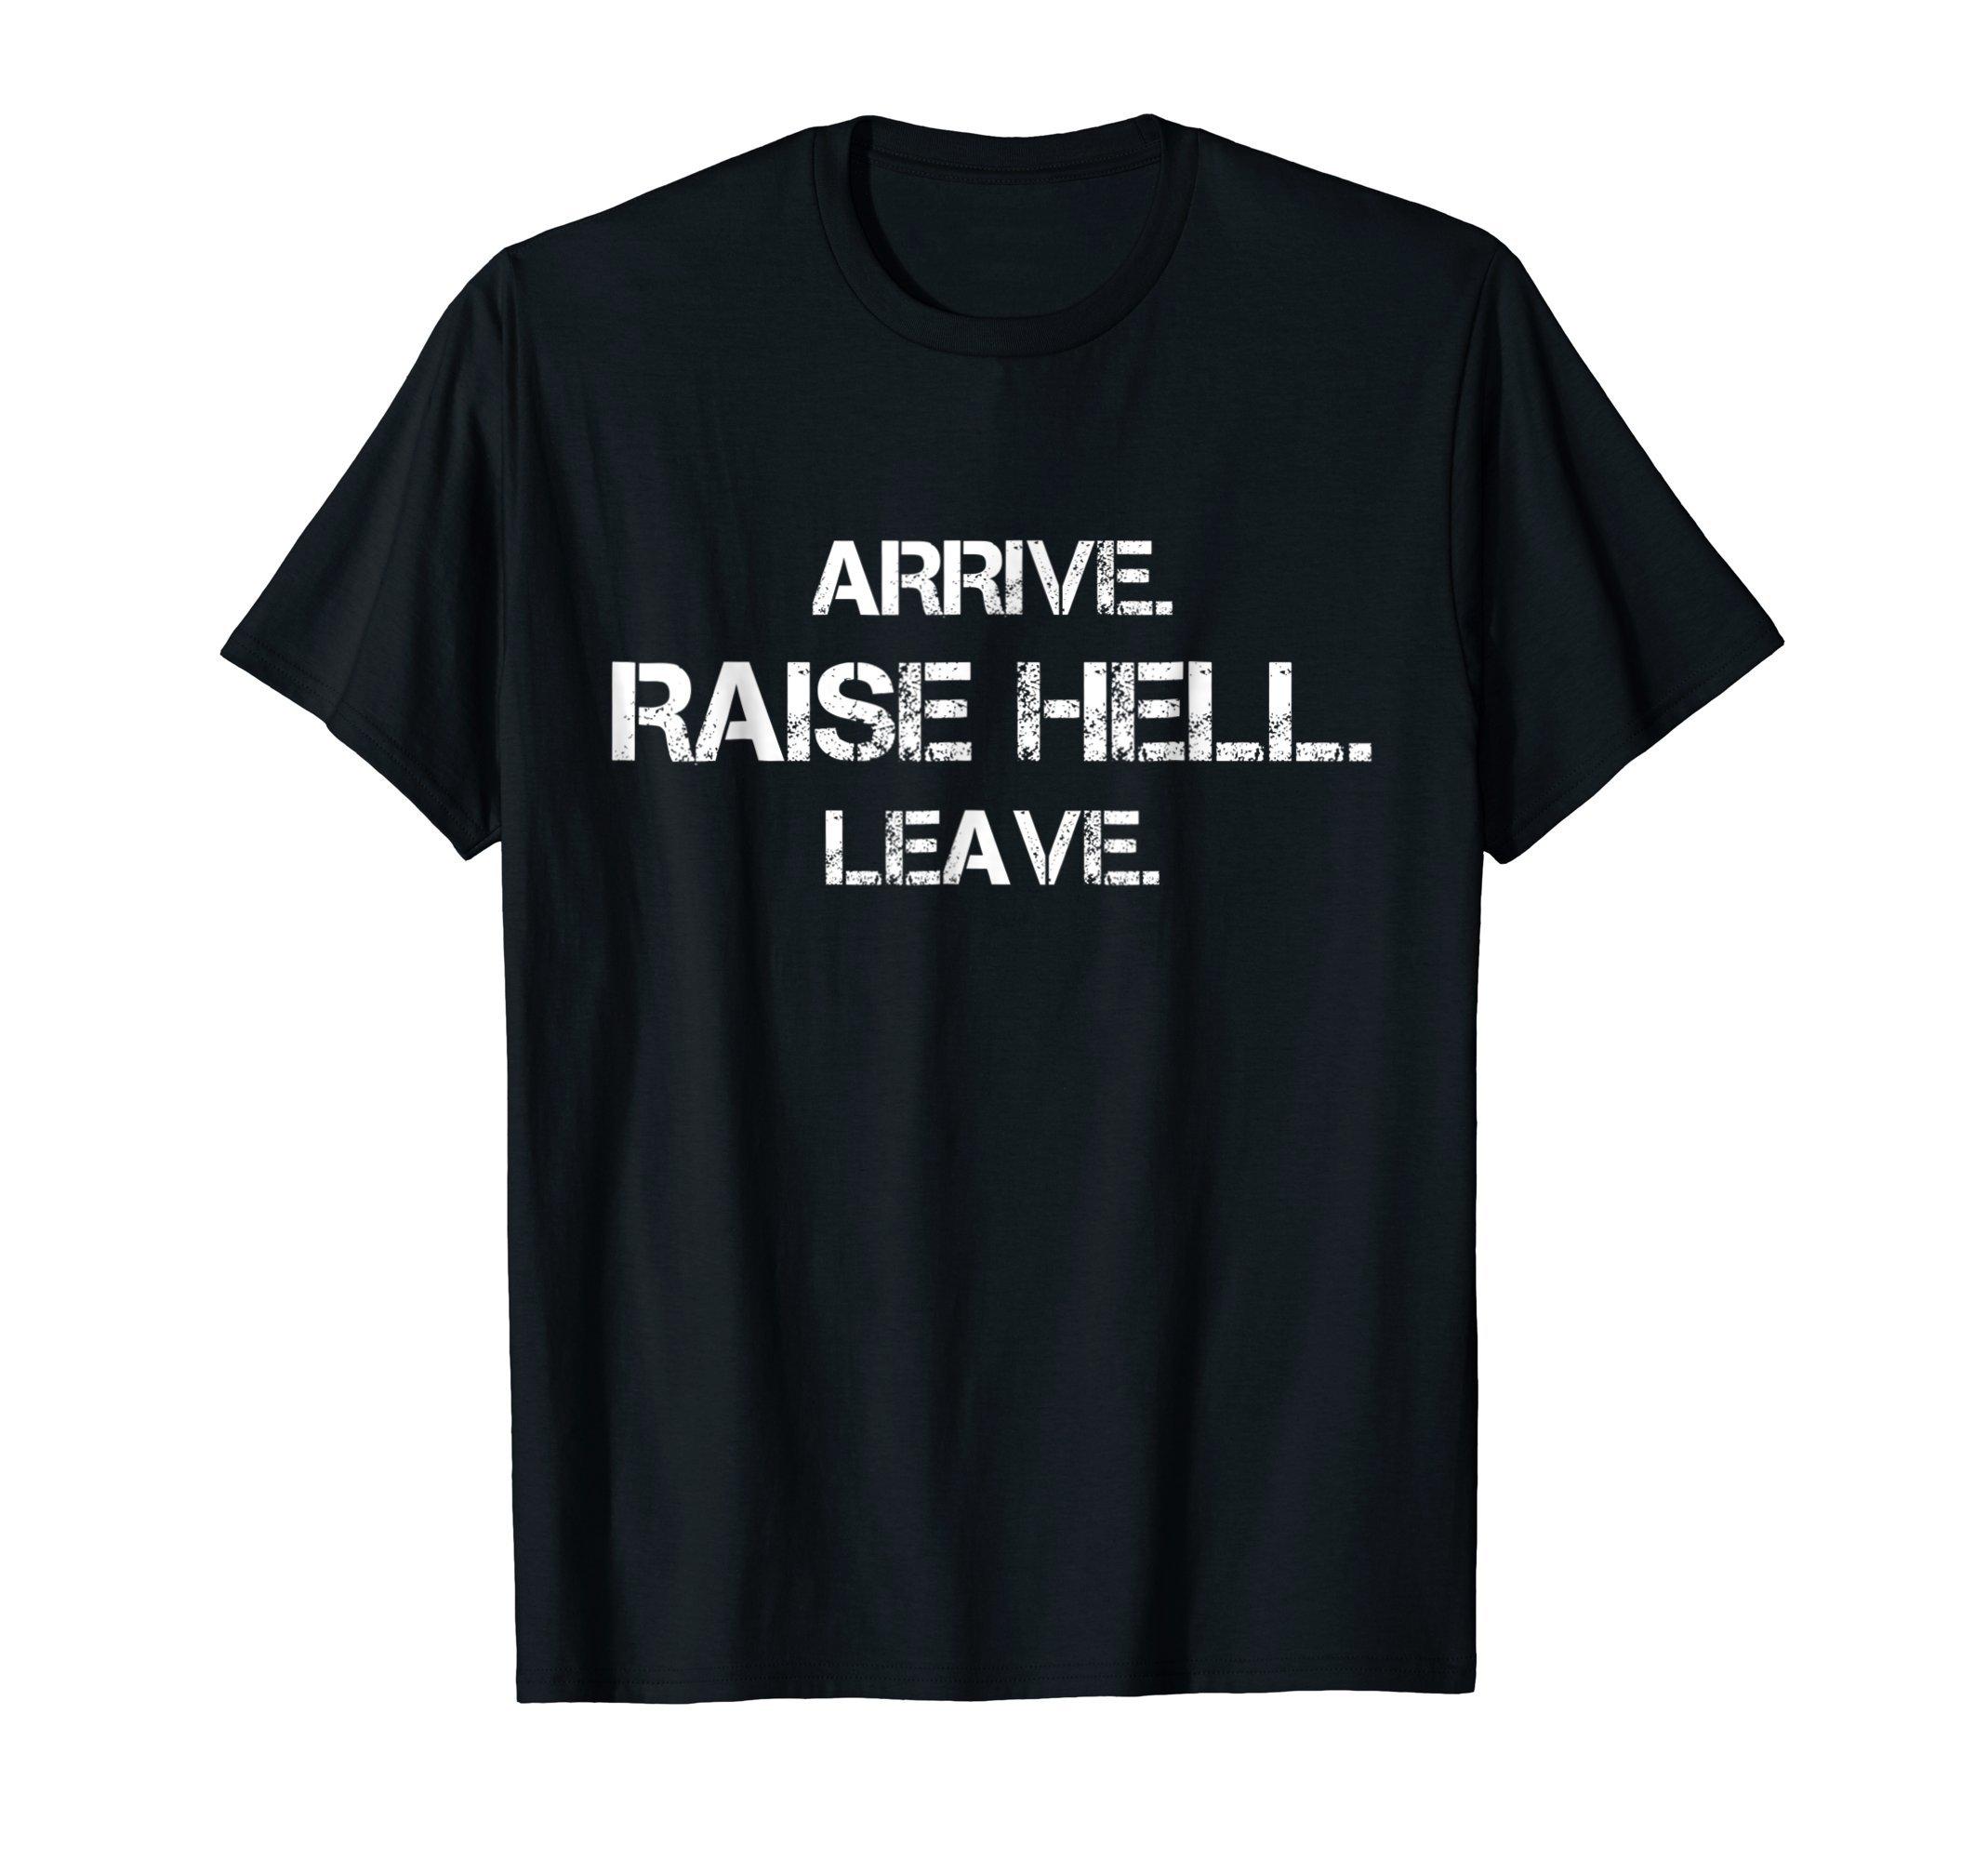 Raise Hell shirt - Vintage Wrestling Tshirt by Wrestling Championship Tees